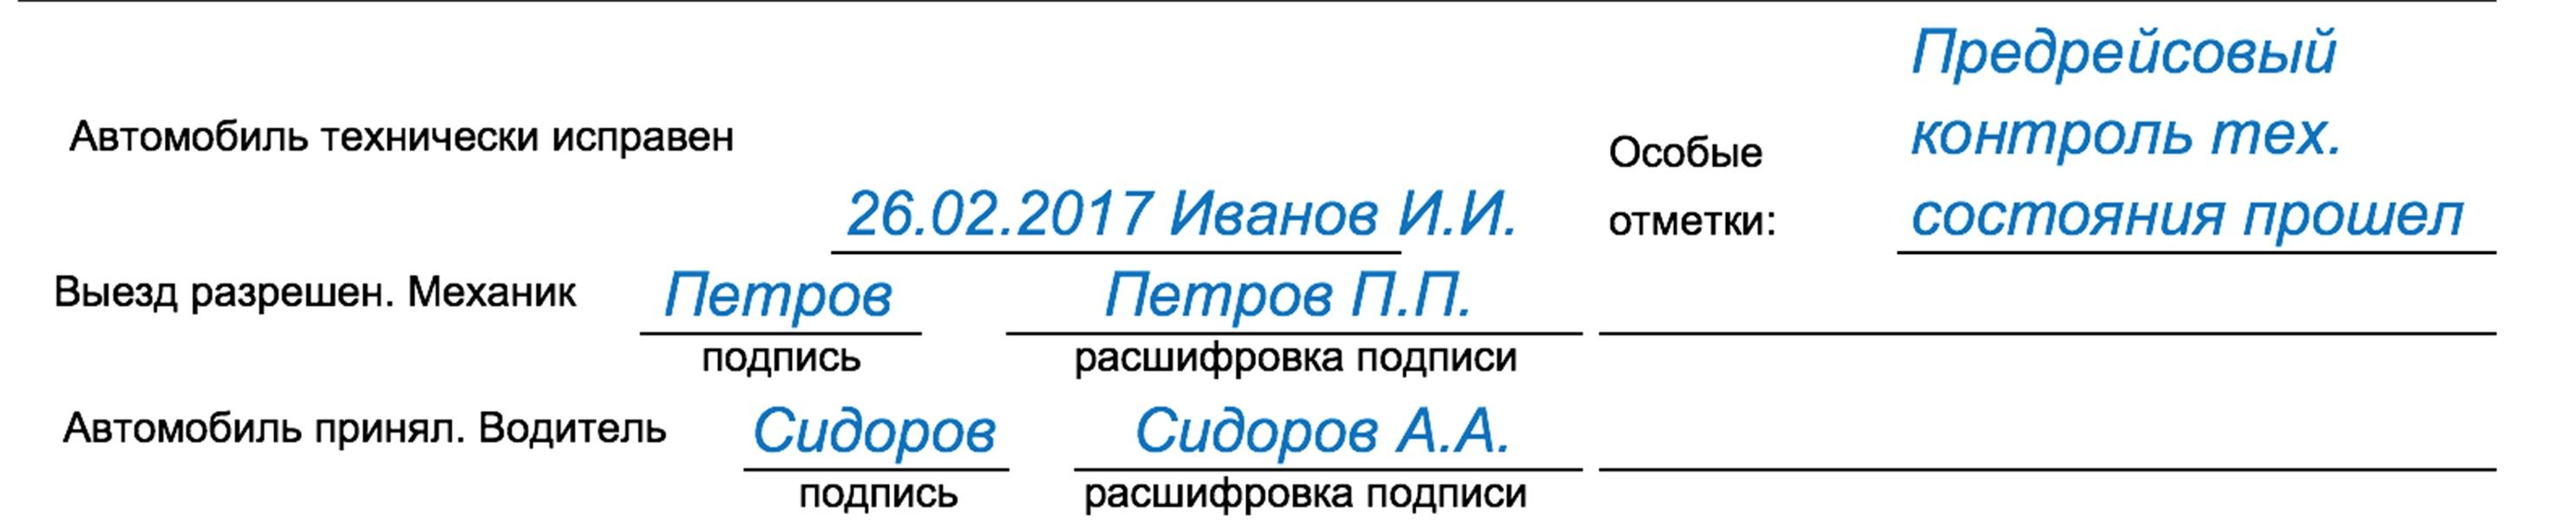 Отметка предрейсового контроля ехнического состояния транспортного средства в путевом листе с 26 февраля 2017 года